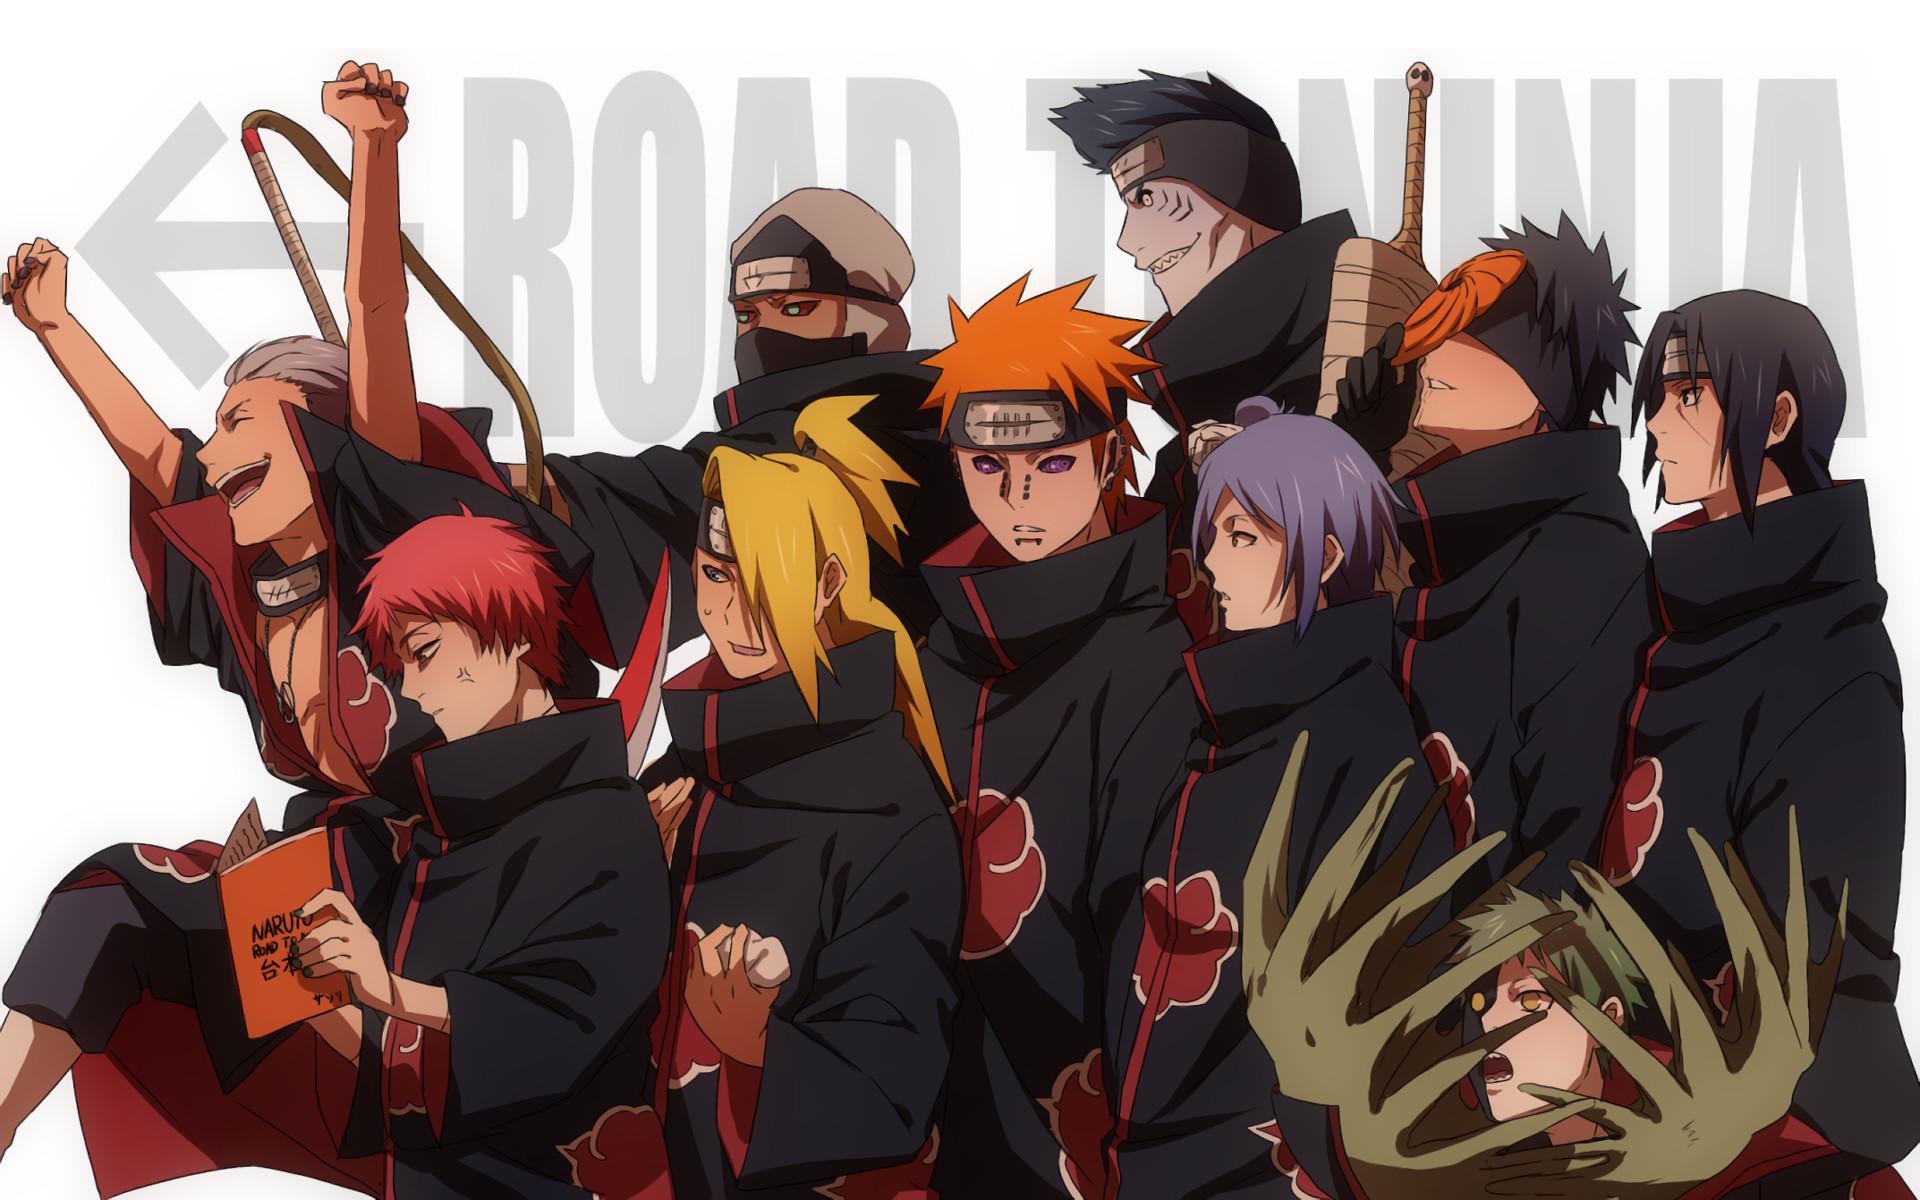 Res: 1920x1200, Anime Naruto Kakuzu (Naruto) Sasori (Naruto) Deidara (Naruto) Hidan (